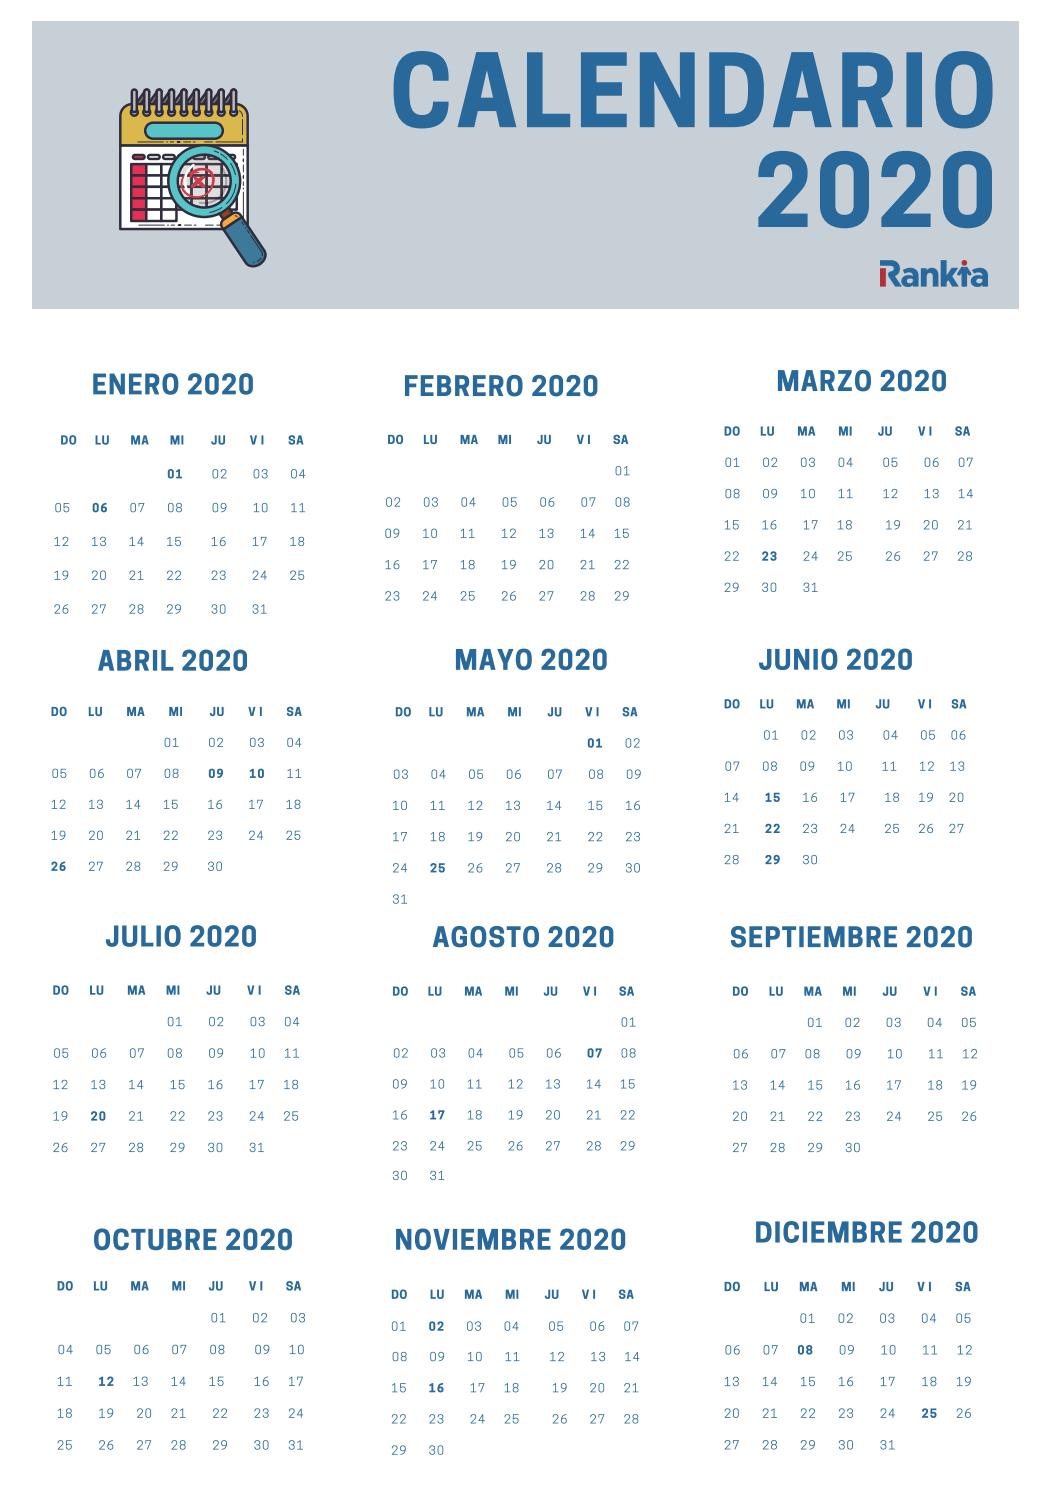 Calendario de festivo 2020 Colombia - Para descargar o imprimir